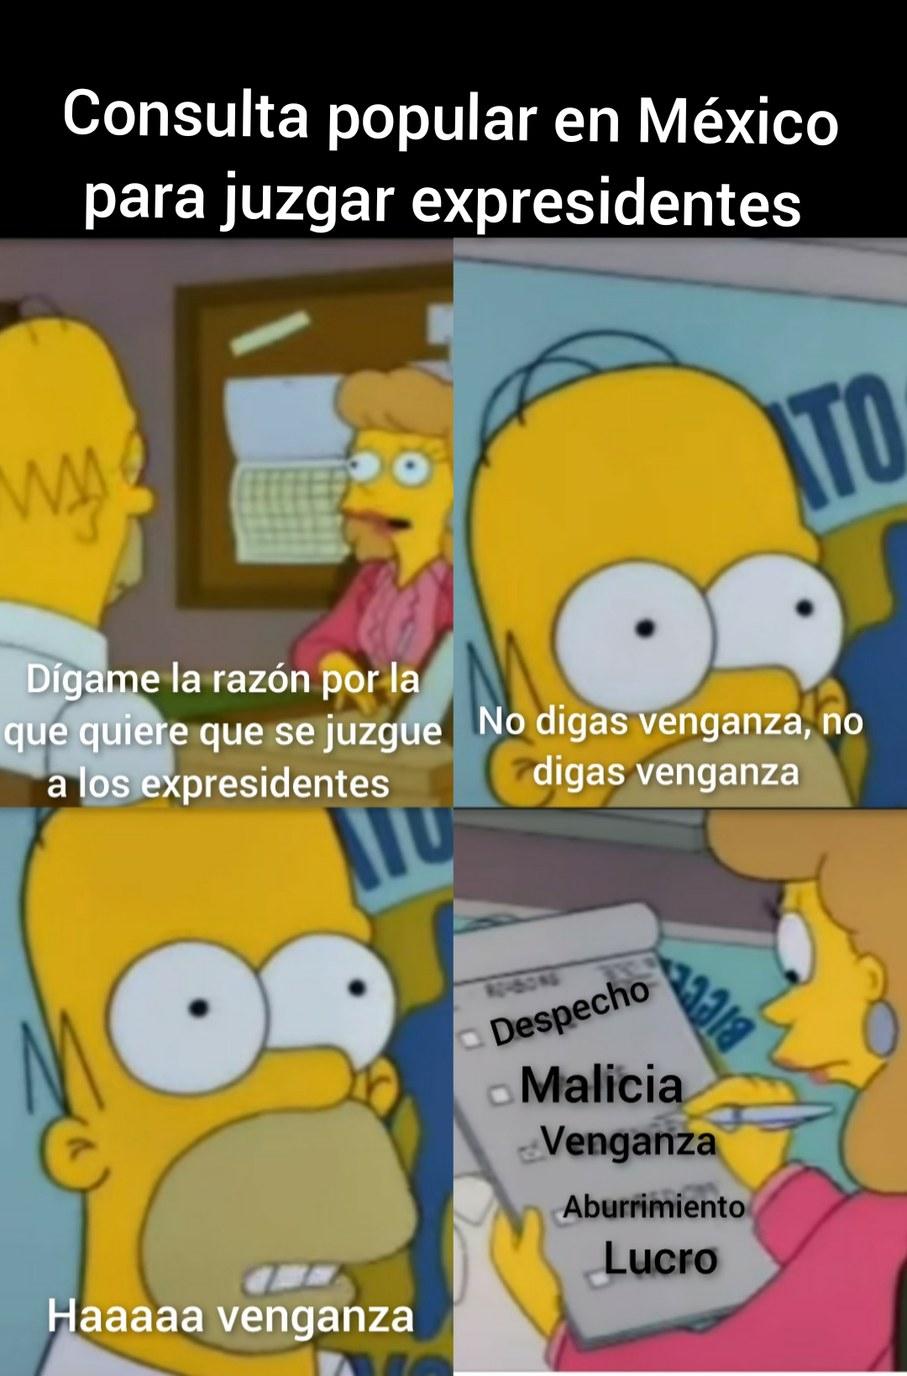 Consulta popular en México para juzgar a los expresidentes - meme